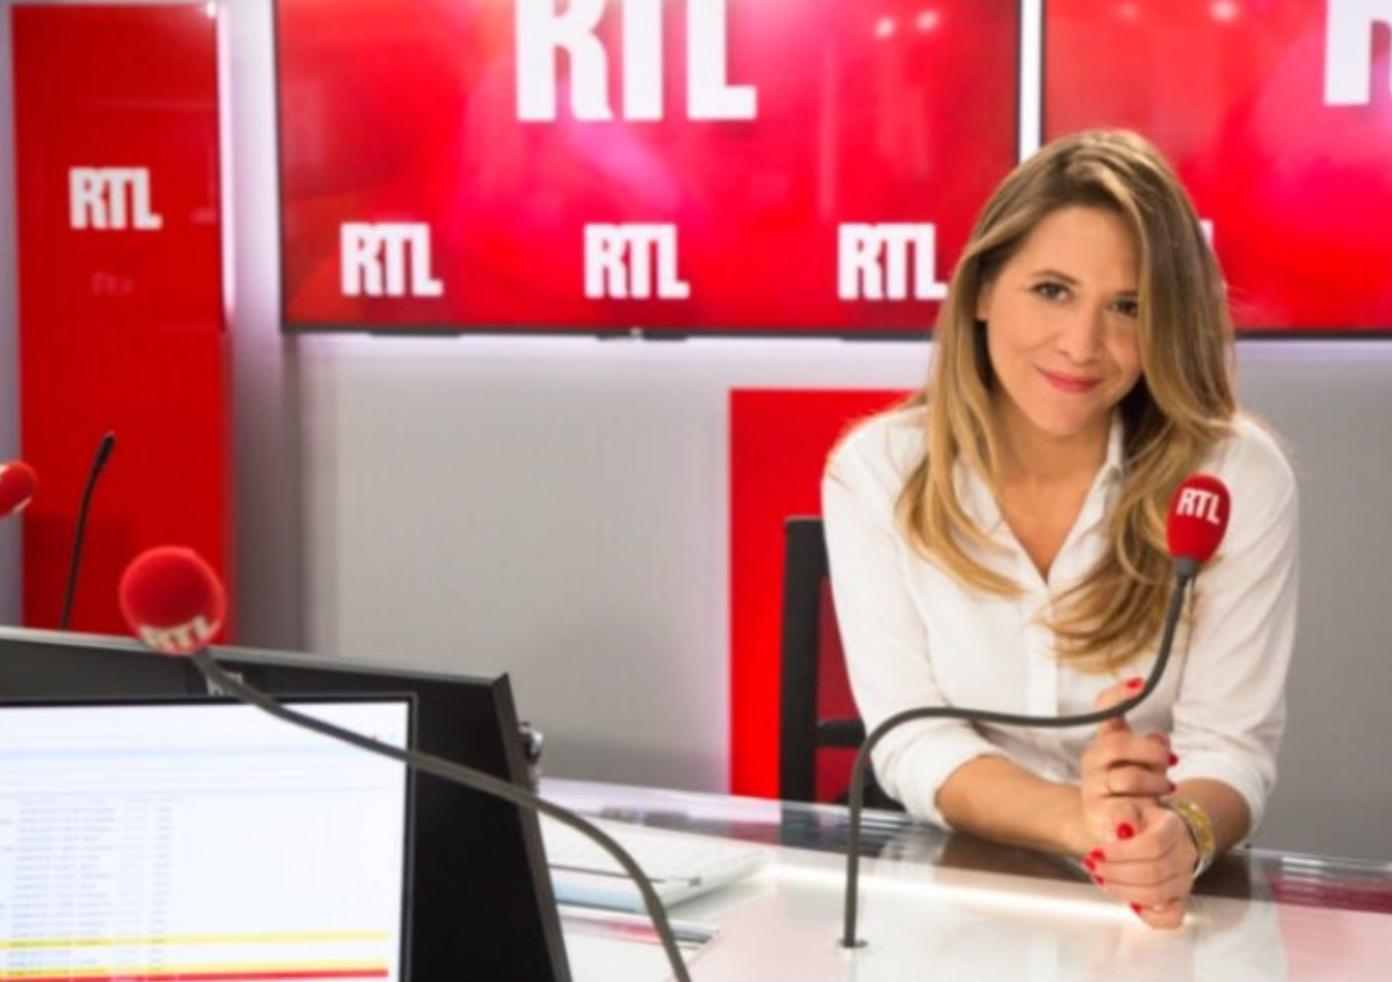 Stéphanie Loire accompagnera les auditeurs de RTL jusqu'en 2019 © RTL